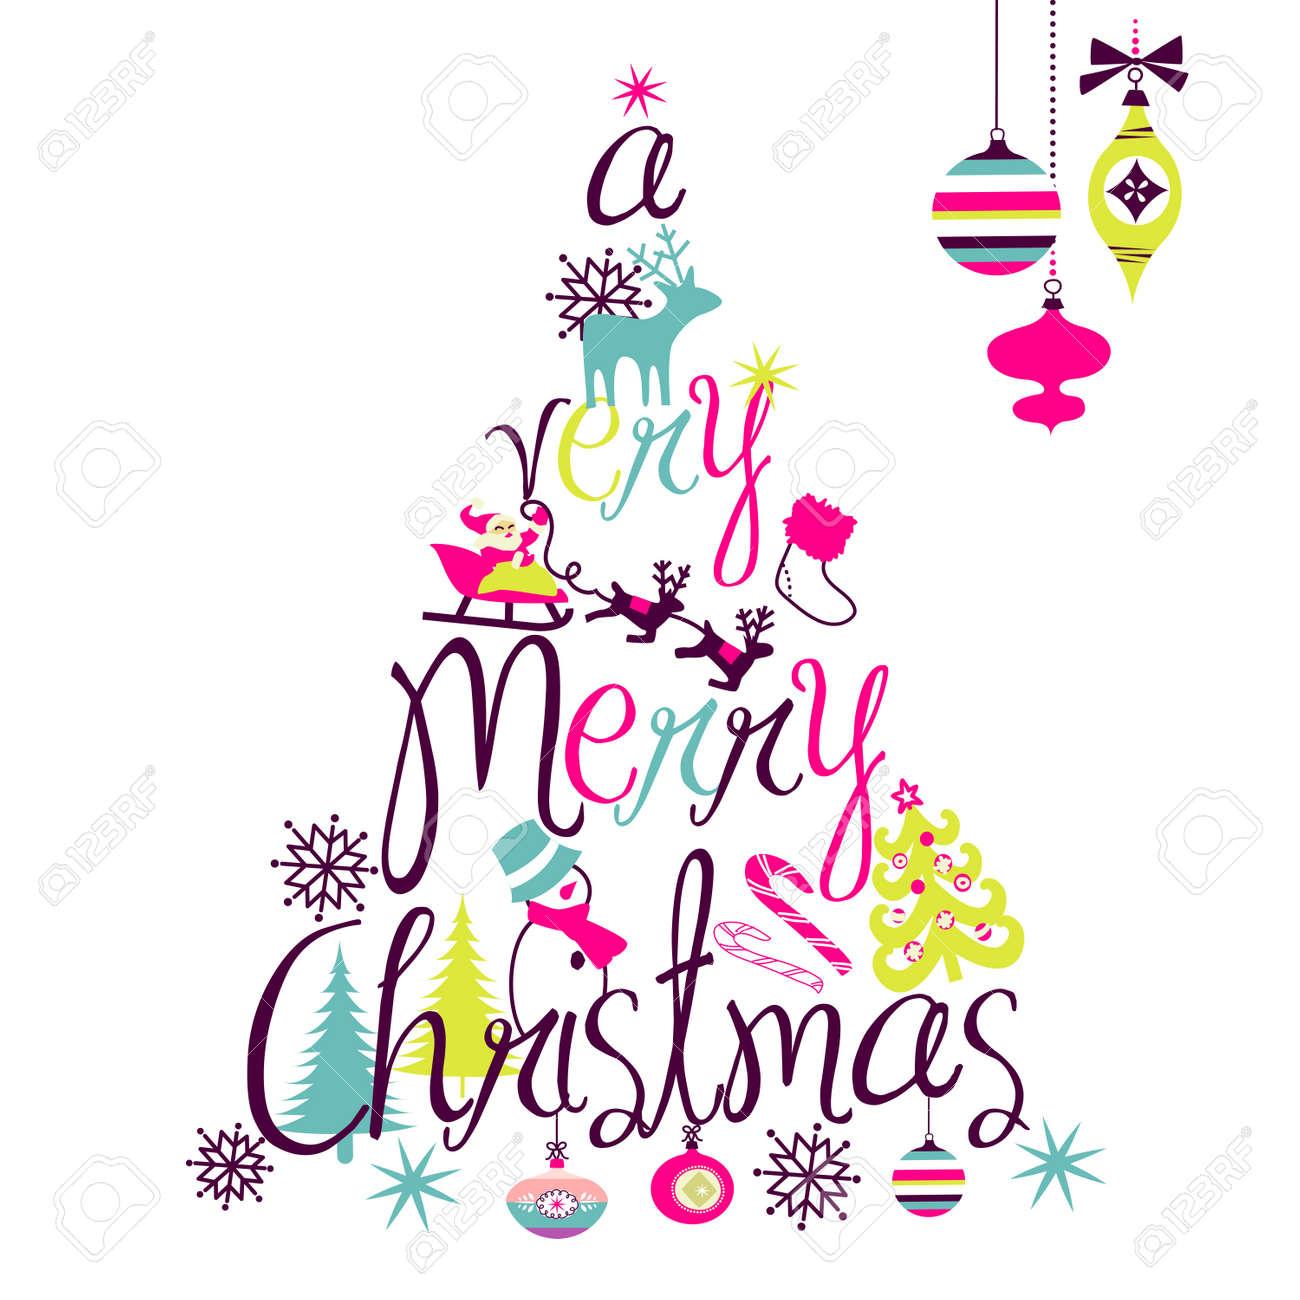 A Very Merry Christmas Tree Diseño Ilustraciones Vectoriales, Clip ...